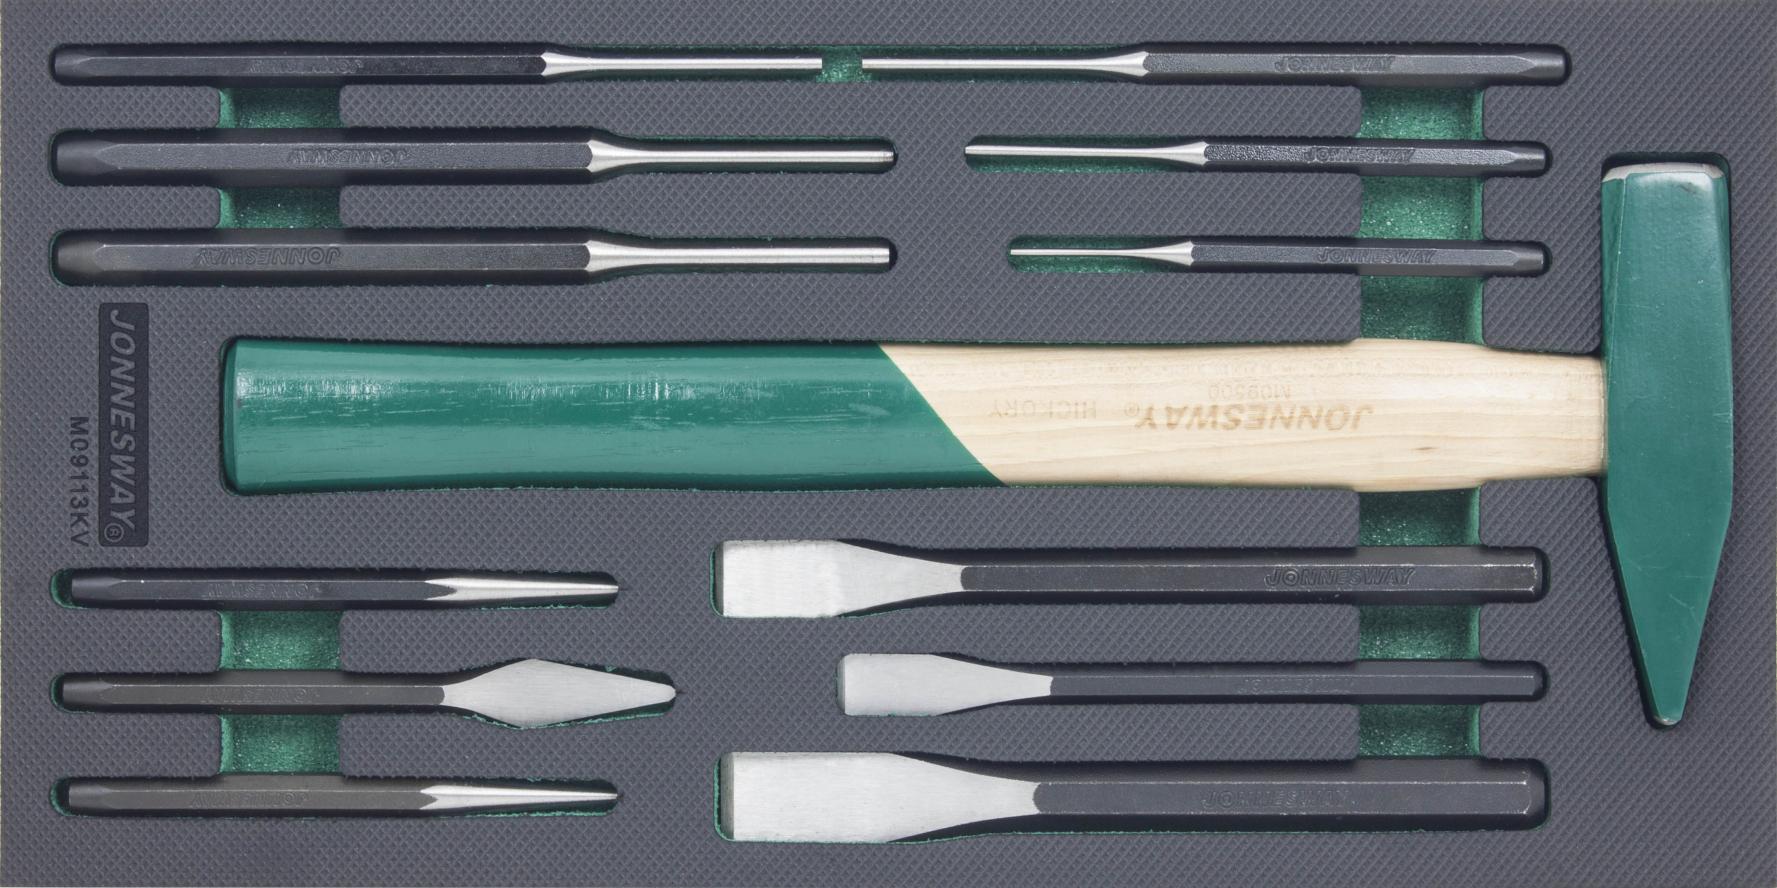 Modul pěnový - kladivo, sekáče, vyrážeče a důlčík, sada 13 dílů - JONNESWAY M09113KV